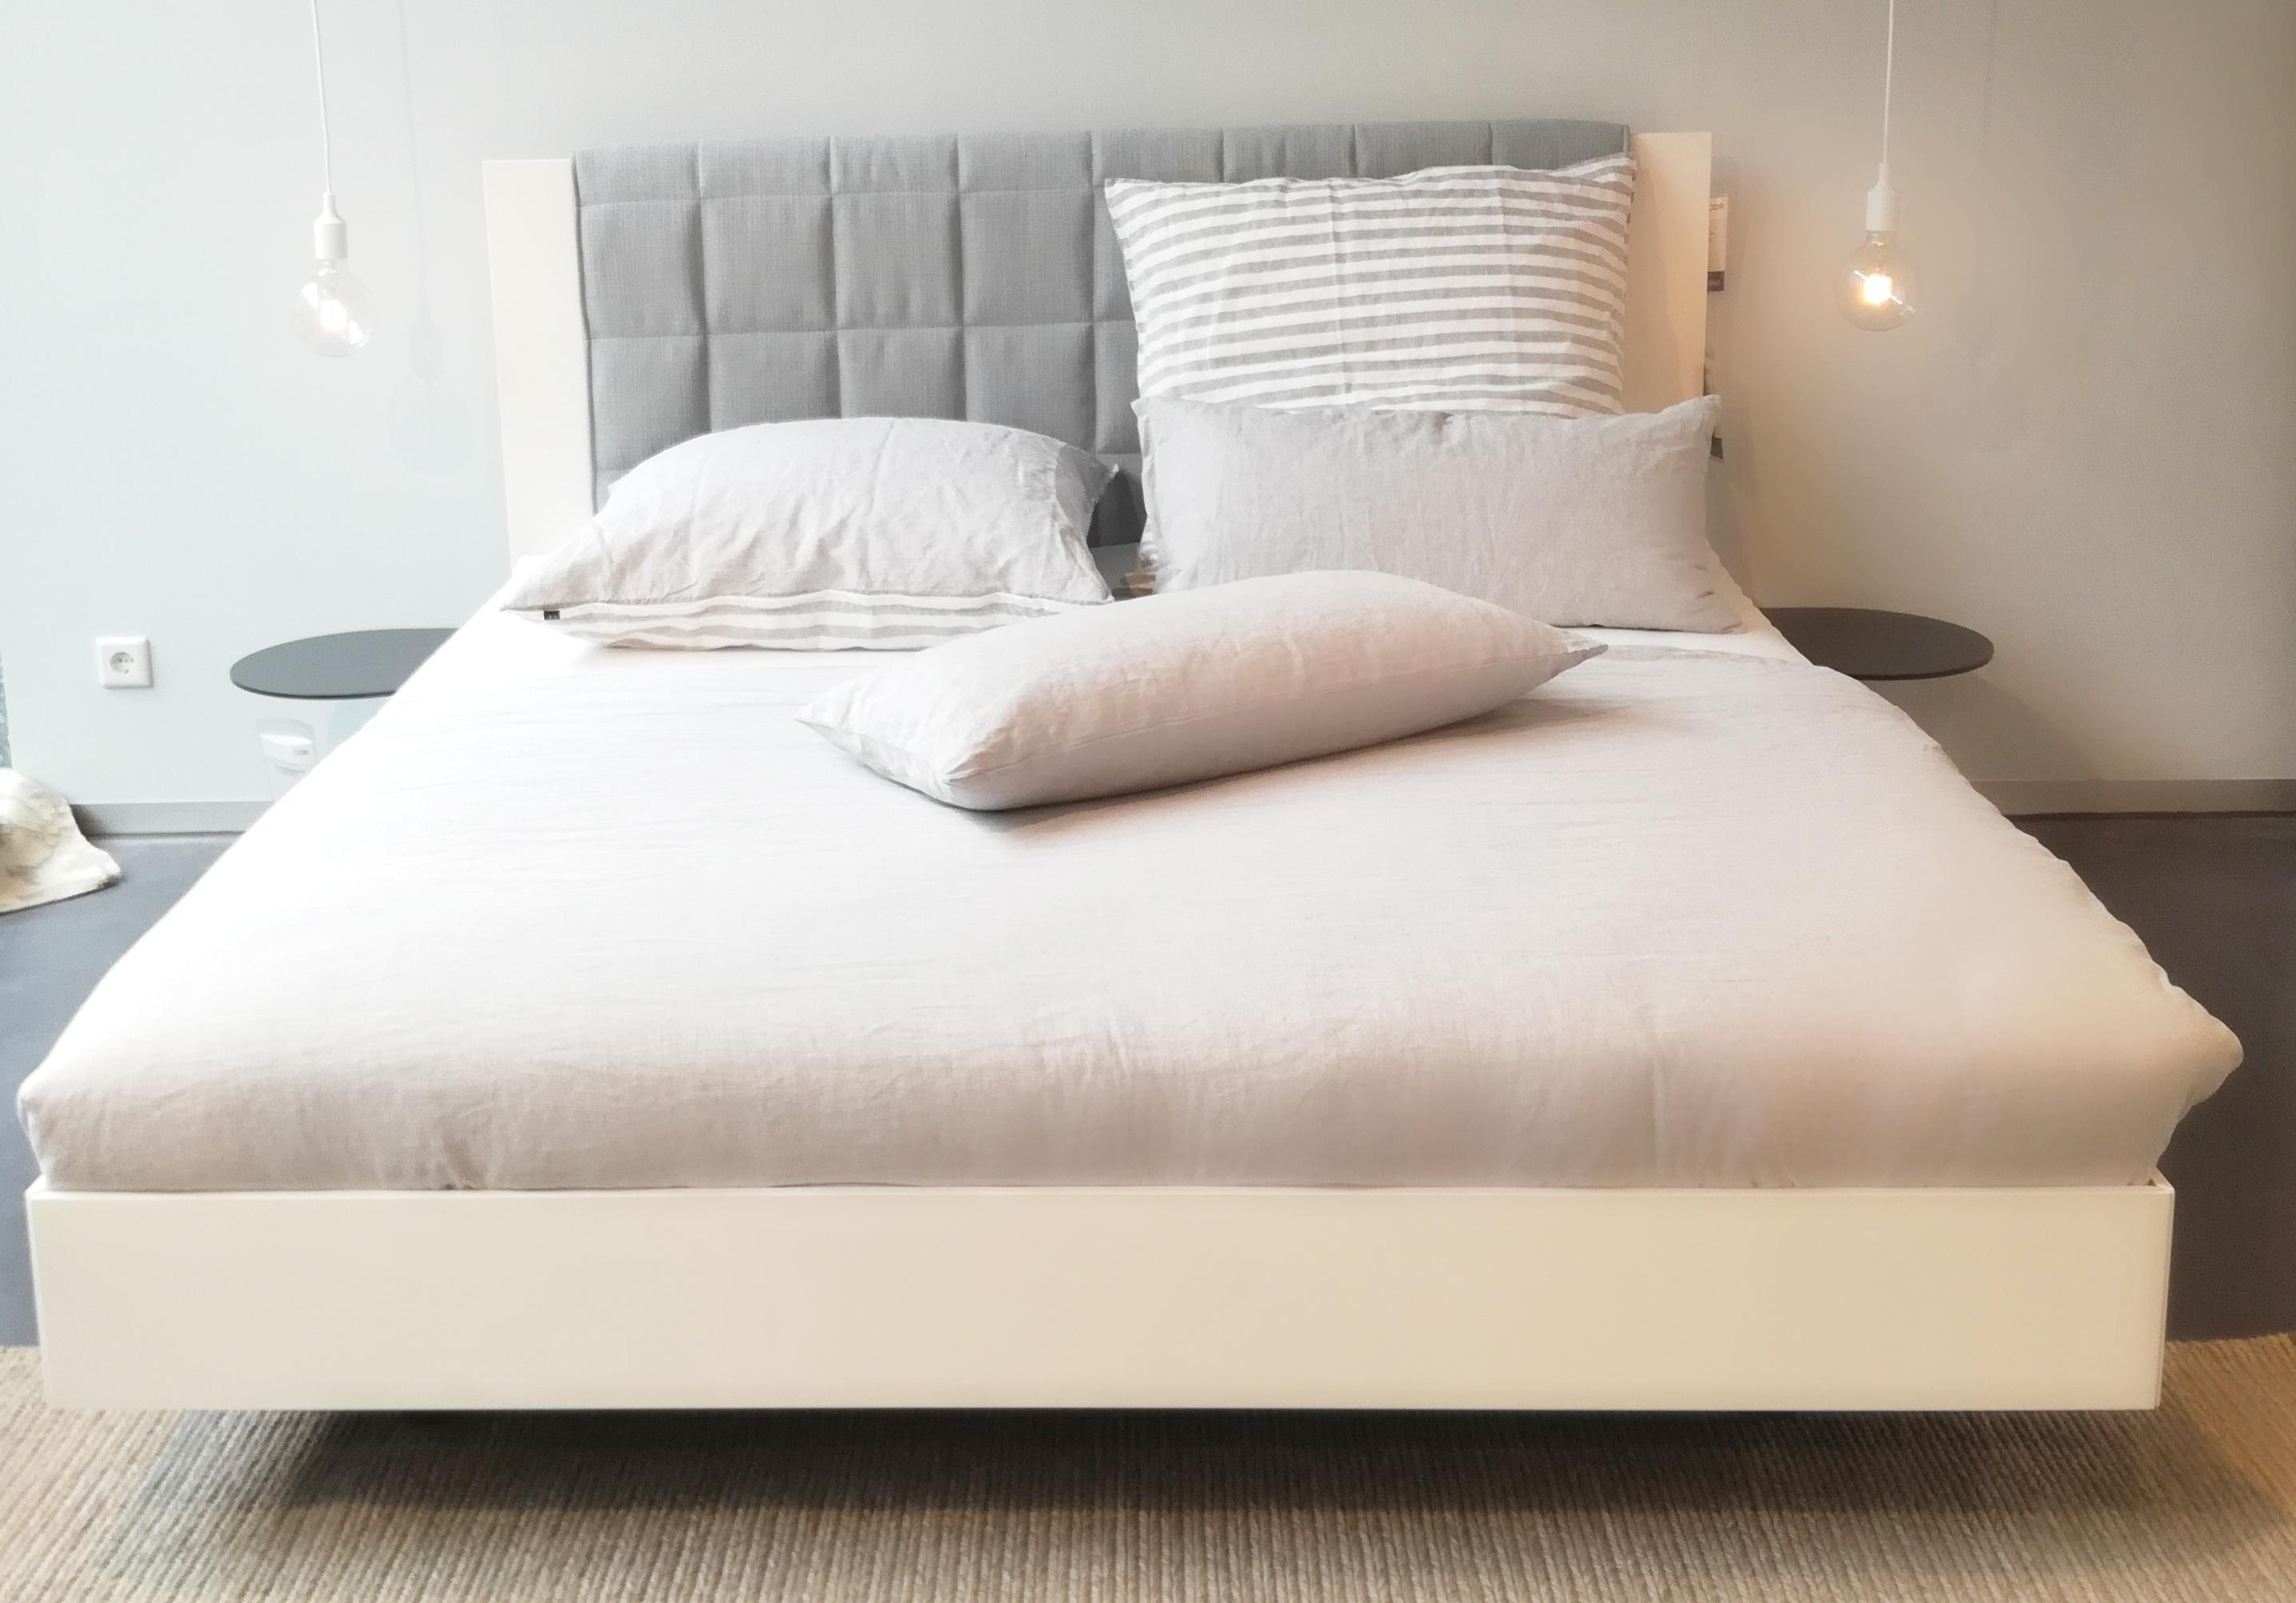 betten und matratzen angebote tendenza. Black Bedroom Furniture Sets. Home Design Ideas